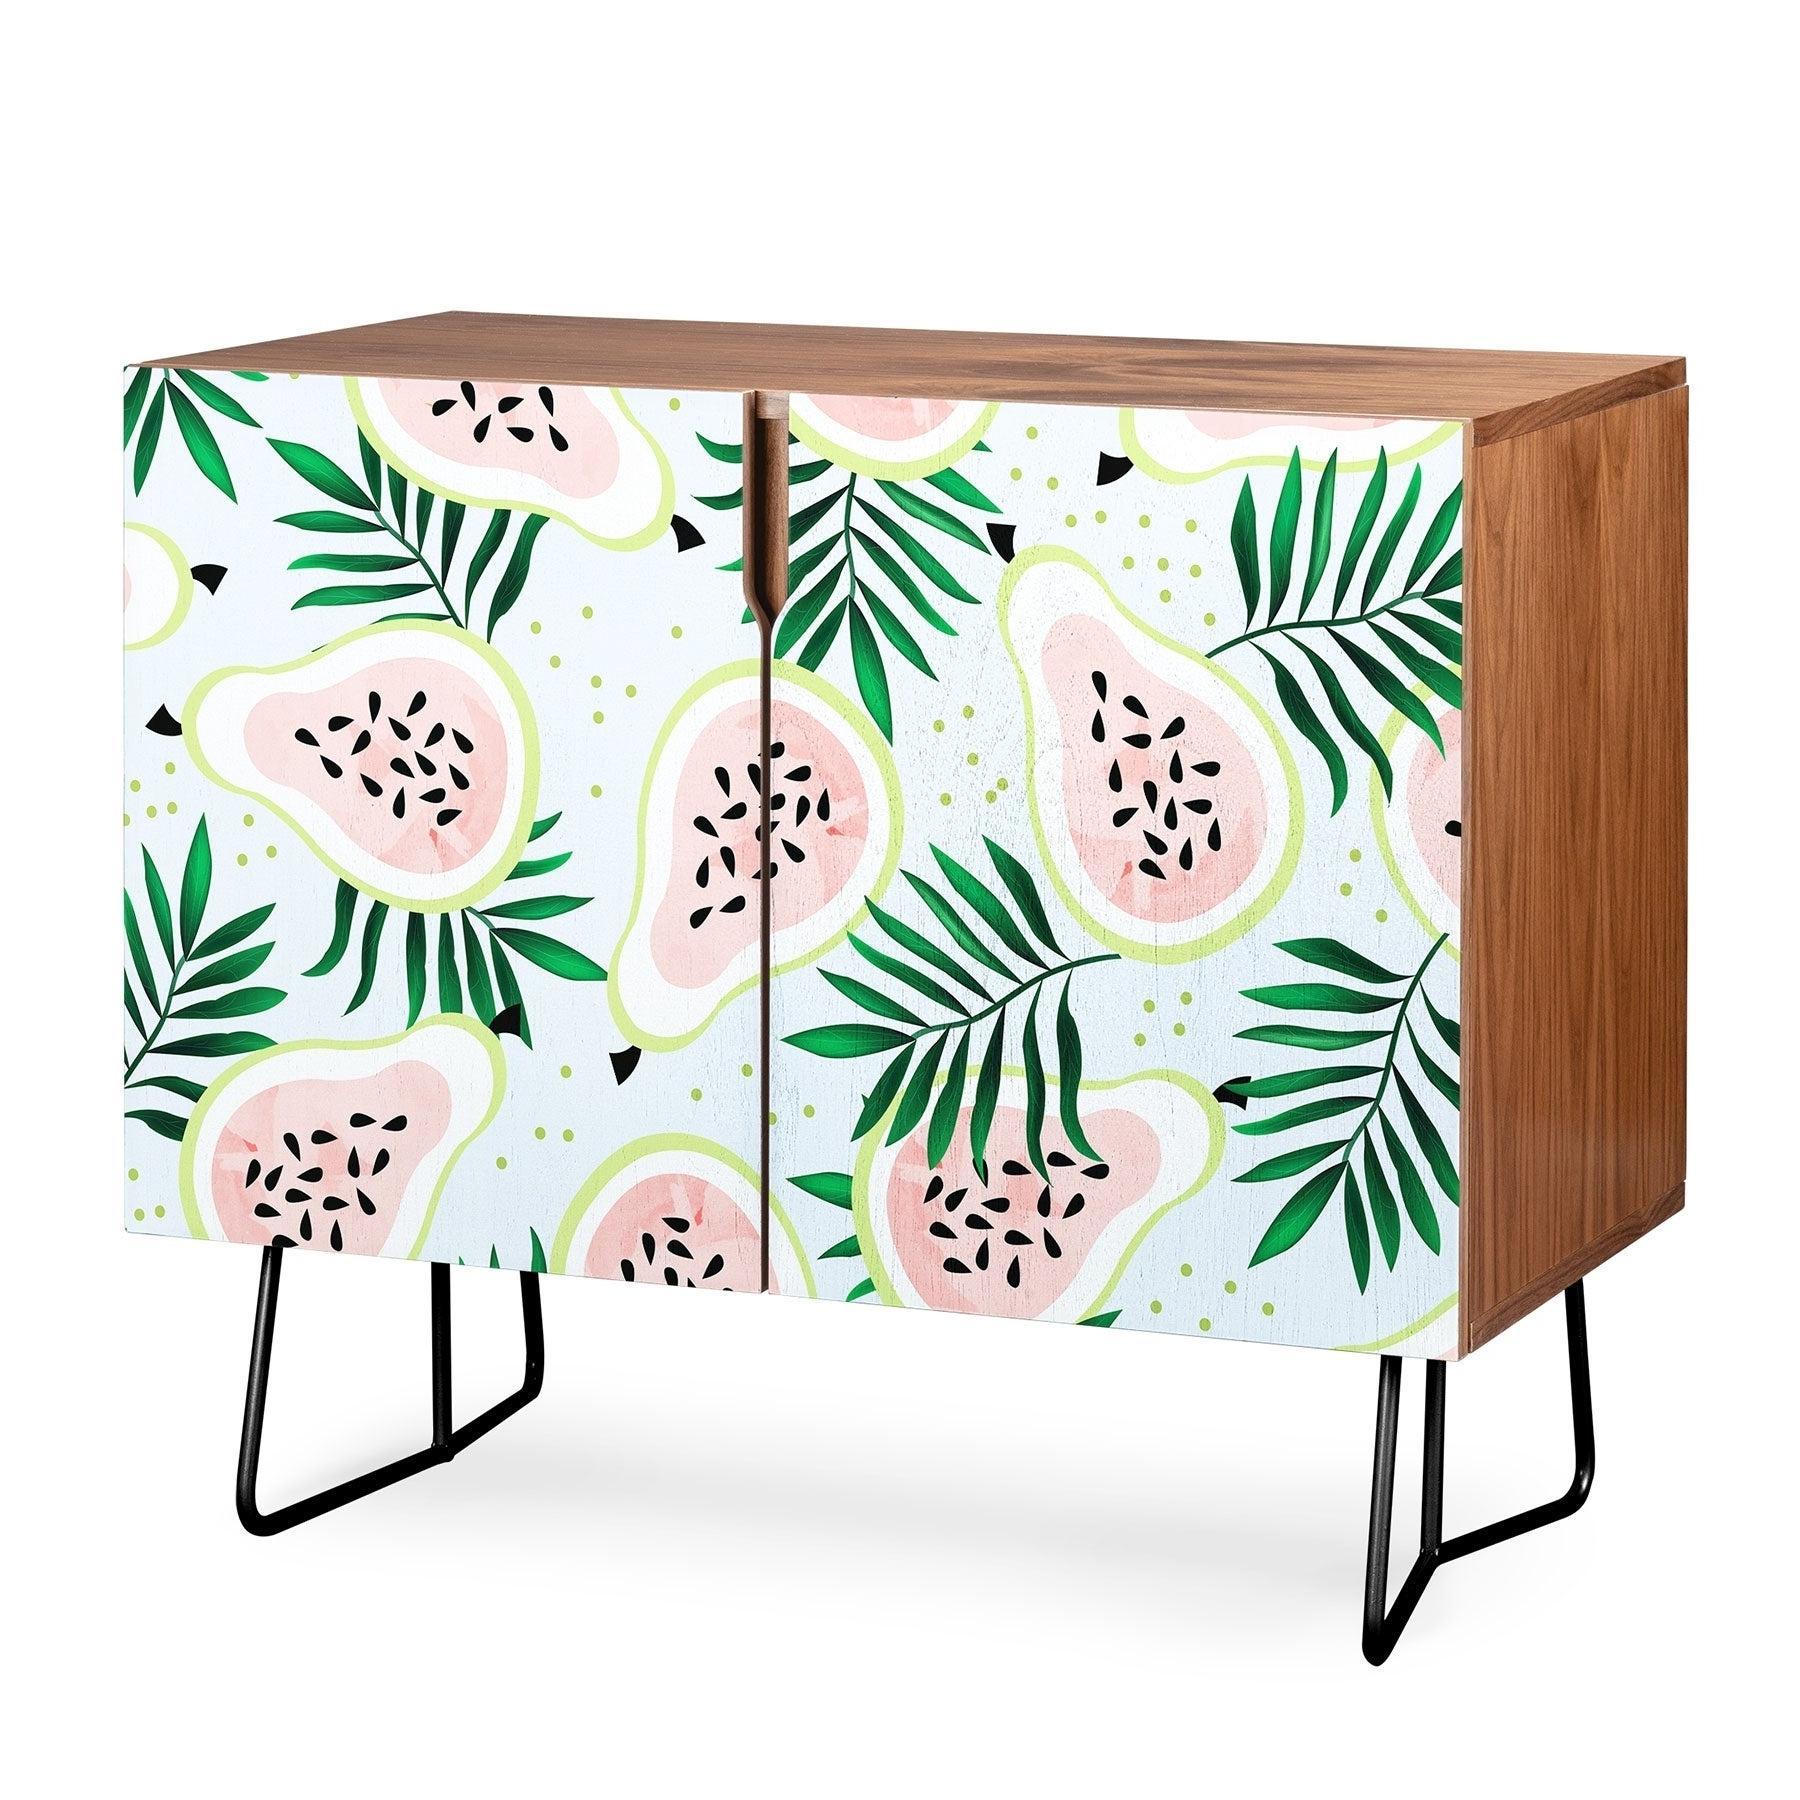 Deny Designs Juicy Guava Credenza (birch Or Walnut, 2 Leg Options) Throughout Juicy Guava Credenzas (View 2 of 20)